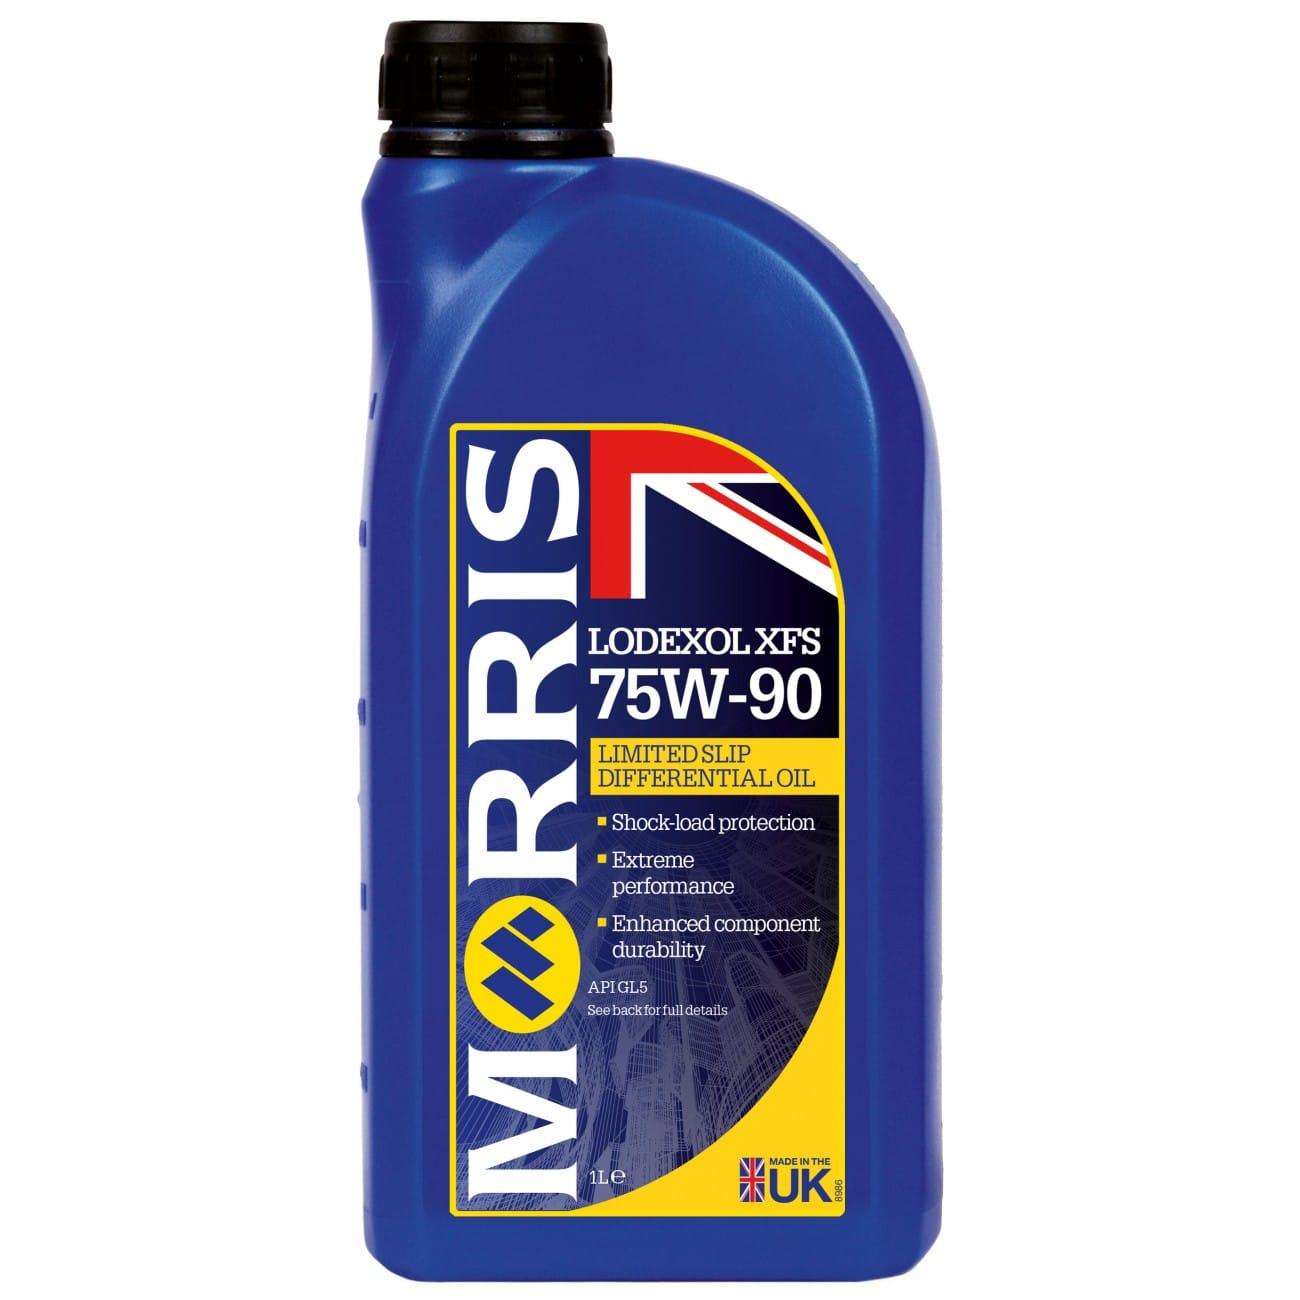 Gear & Transmission Oils Automotive - Morris Lubricants